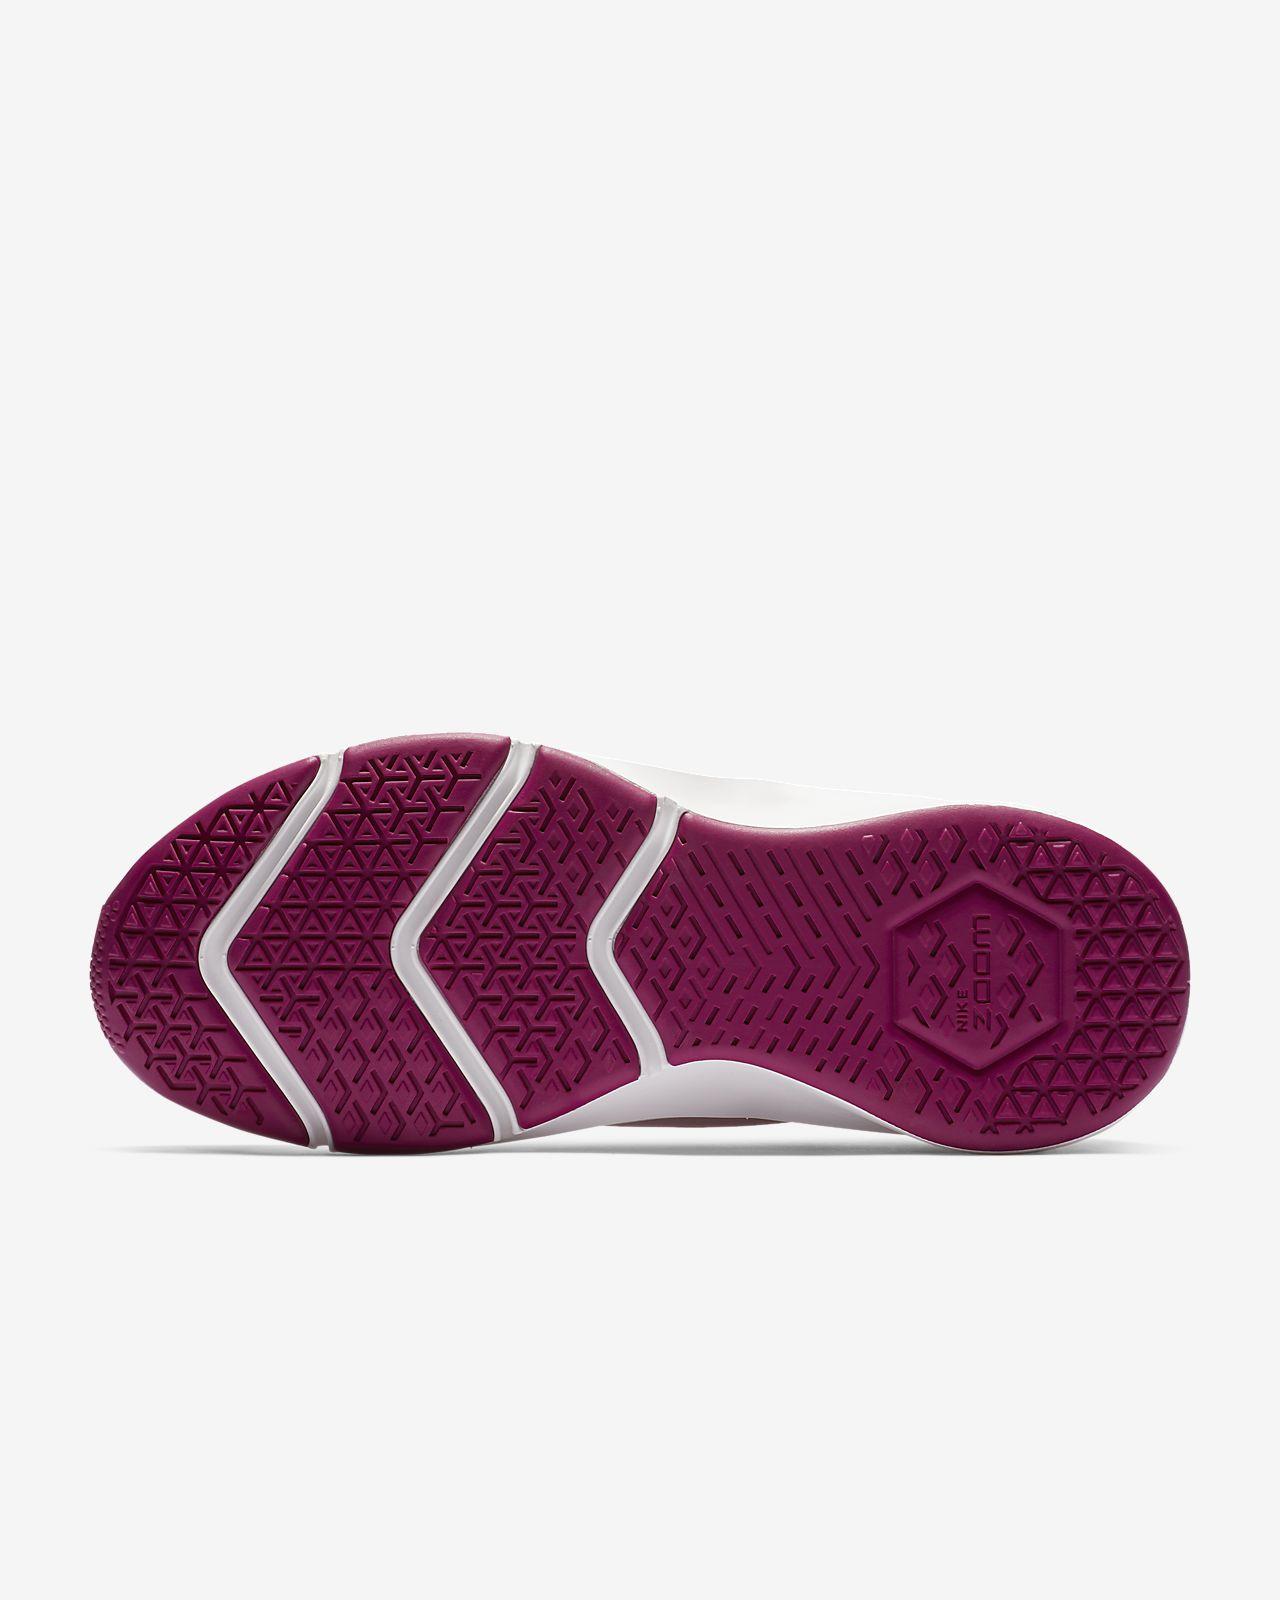 1e264edf86 Nike Air Zoom Elevate Women's Gym/Training/Boxing Shoe. Nike.com